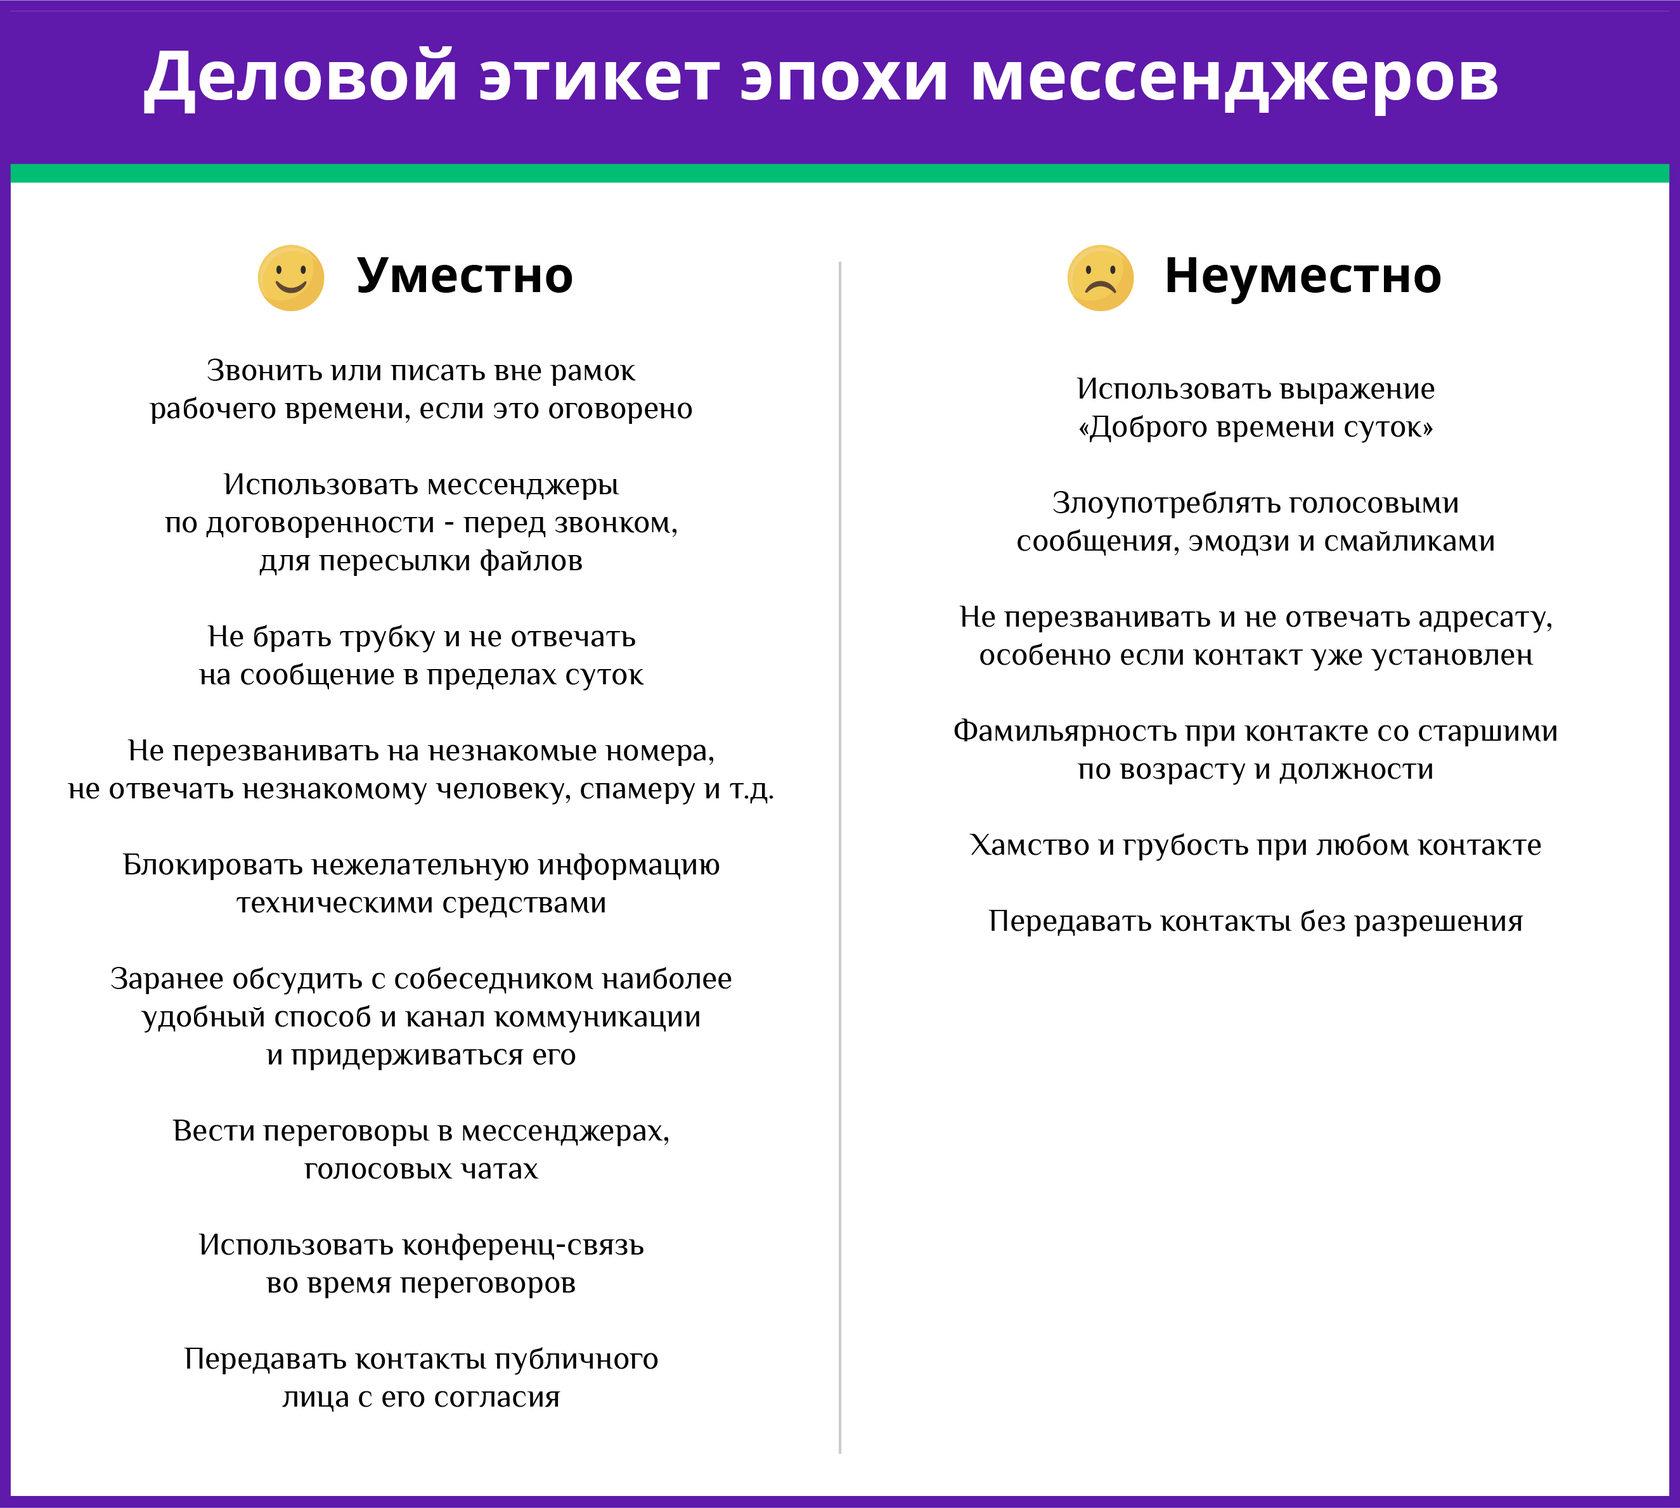 Деловой этикет эпохи мессенджеров. Инфографика Фонтанки.ру и МегаФона